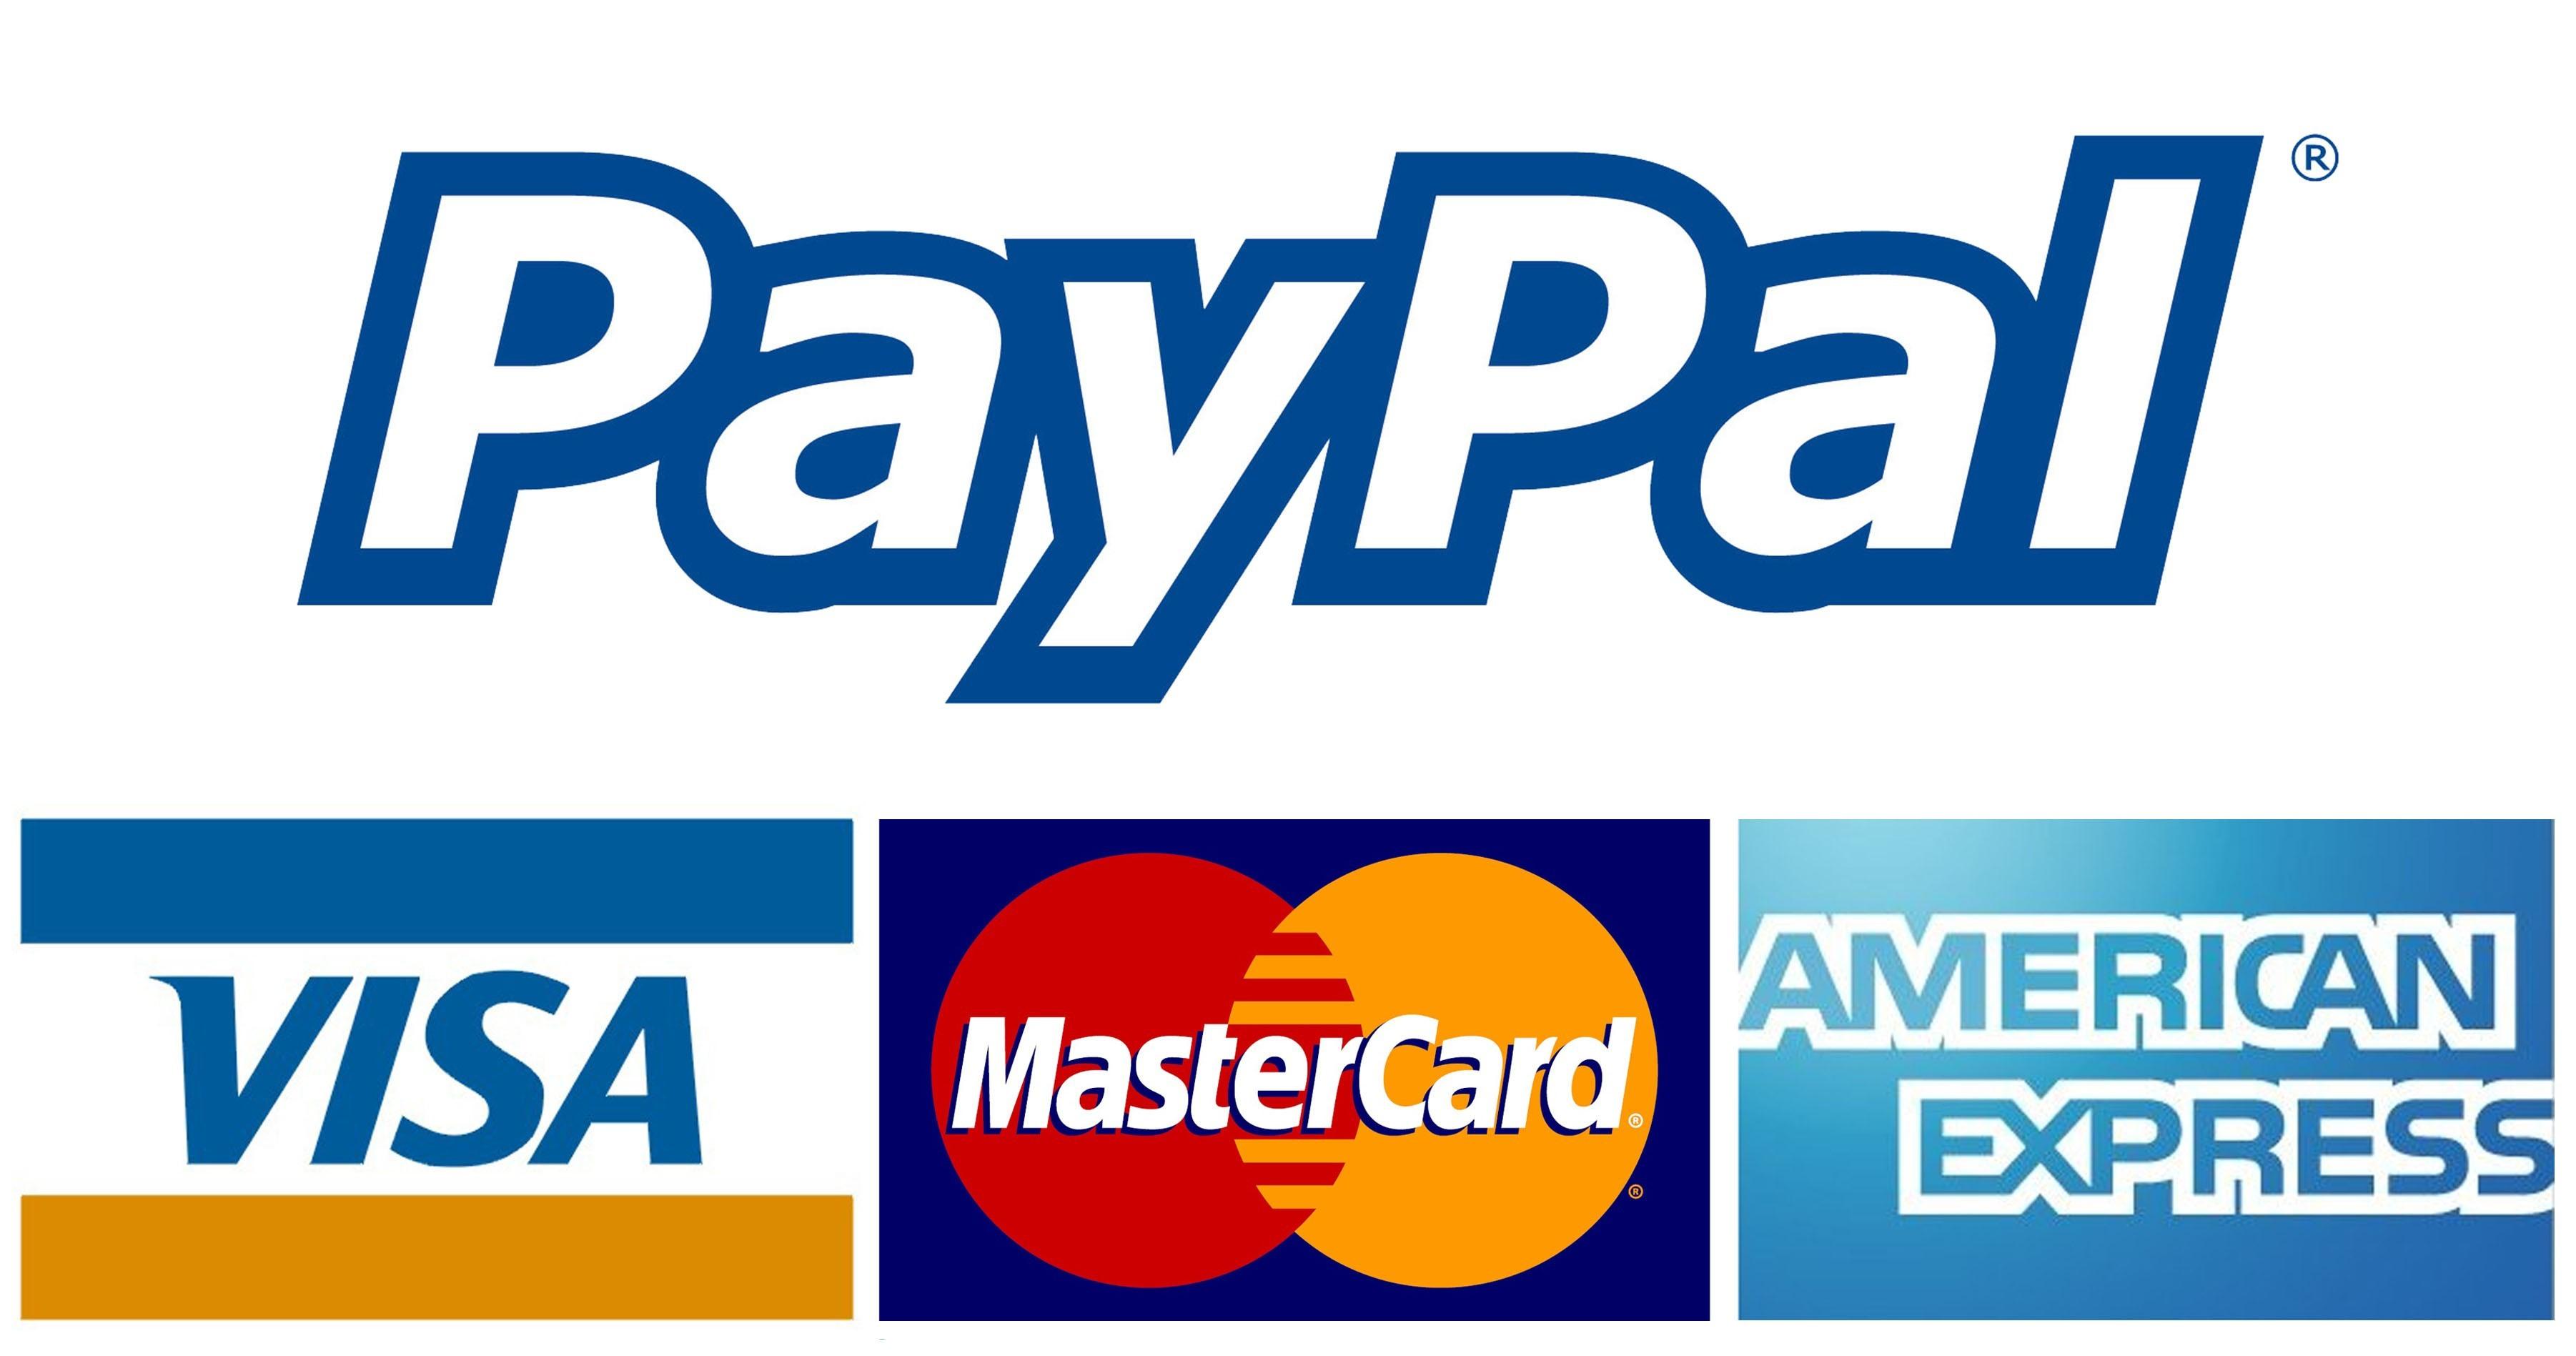 รับชำระบัตรเครดิต ด้วย Paypal